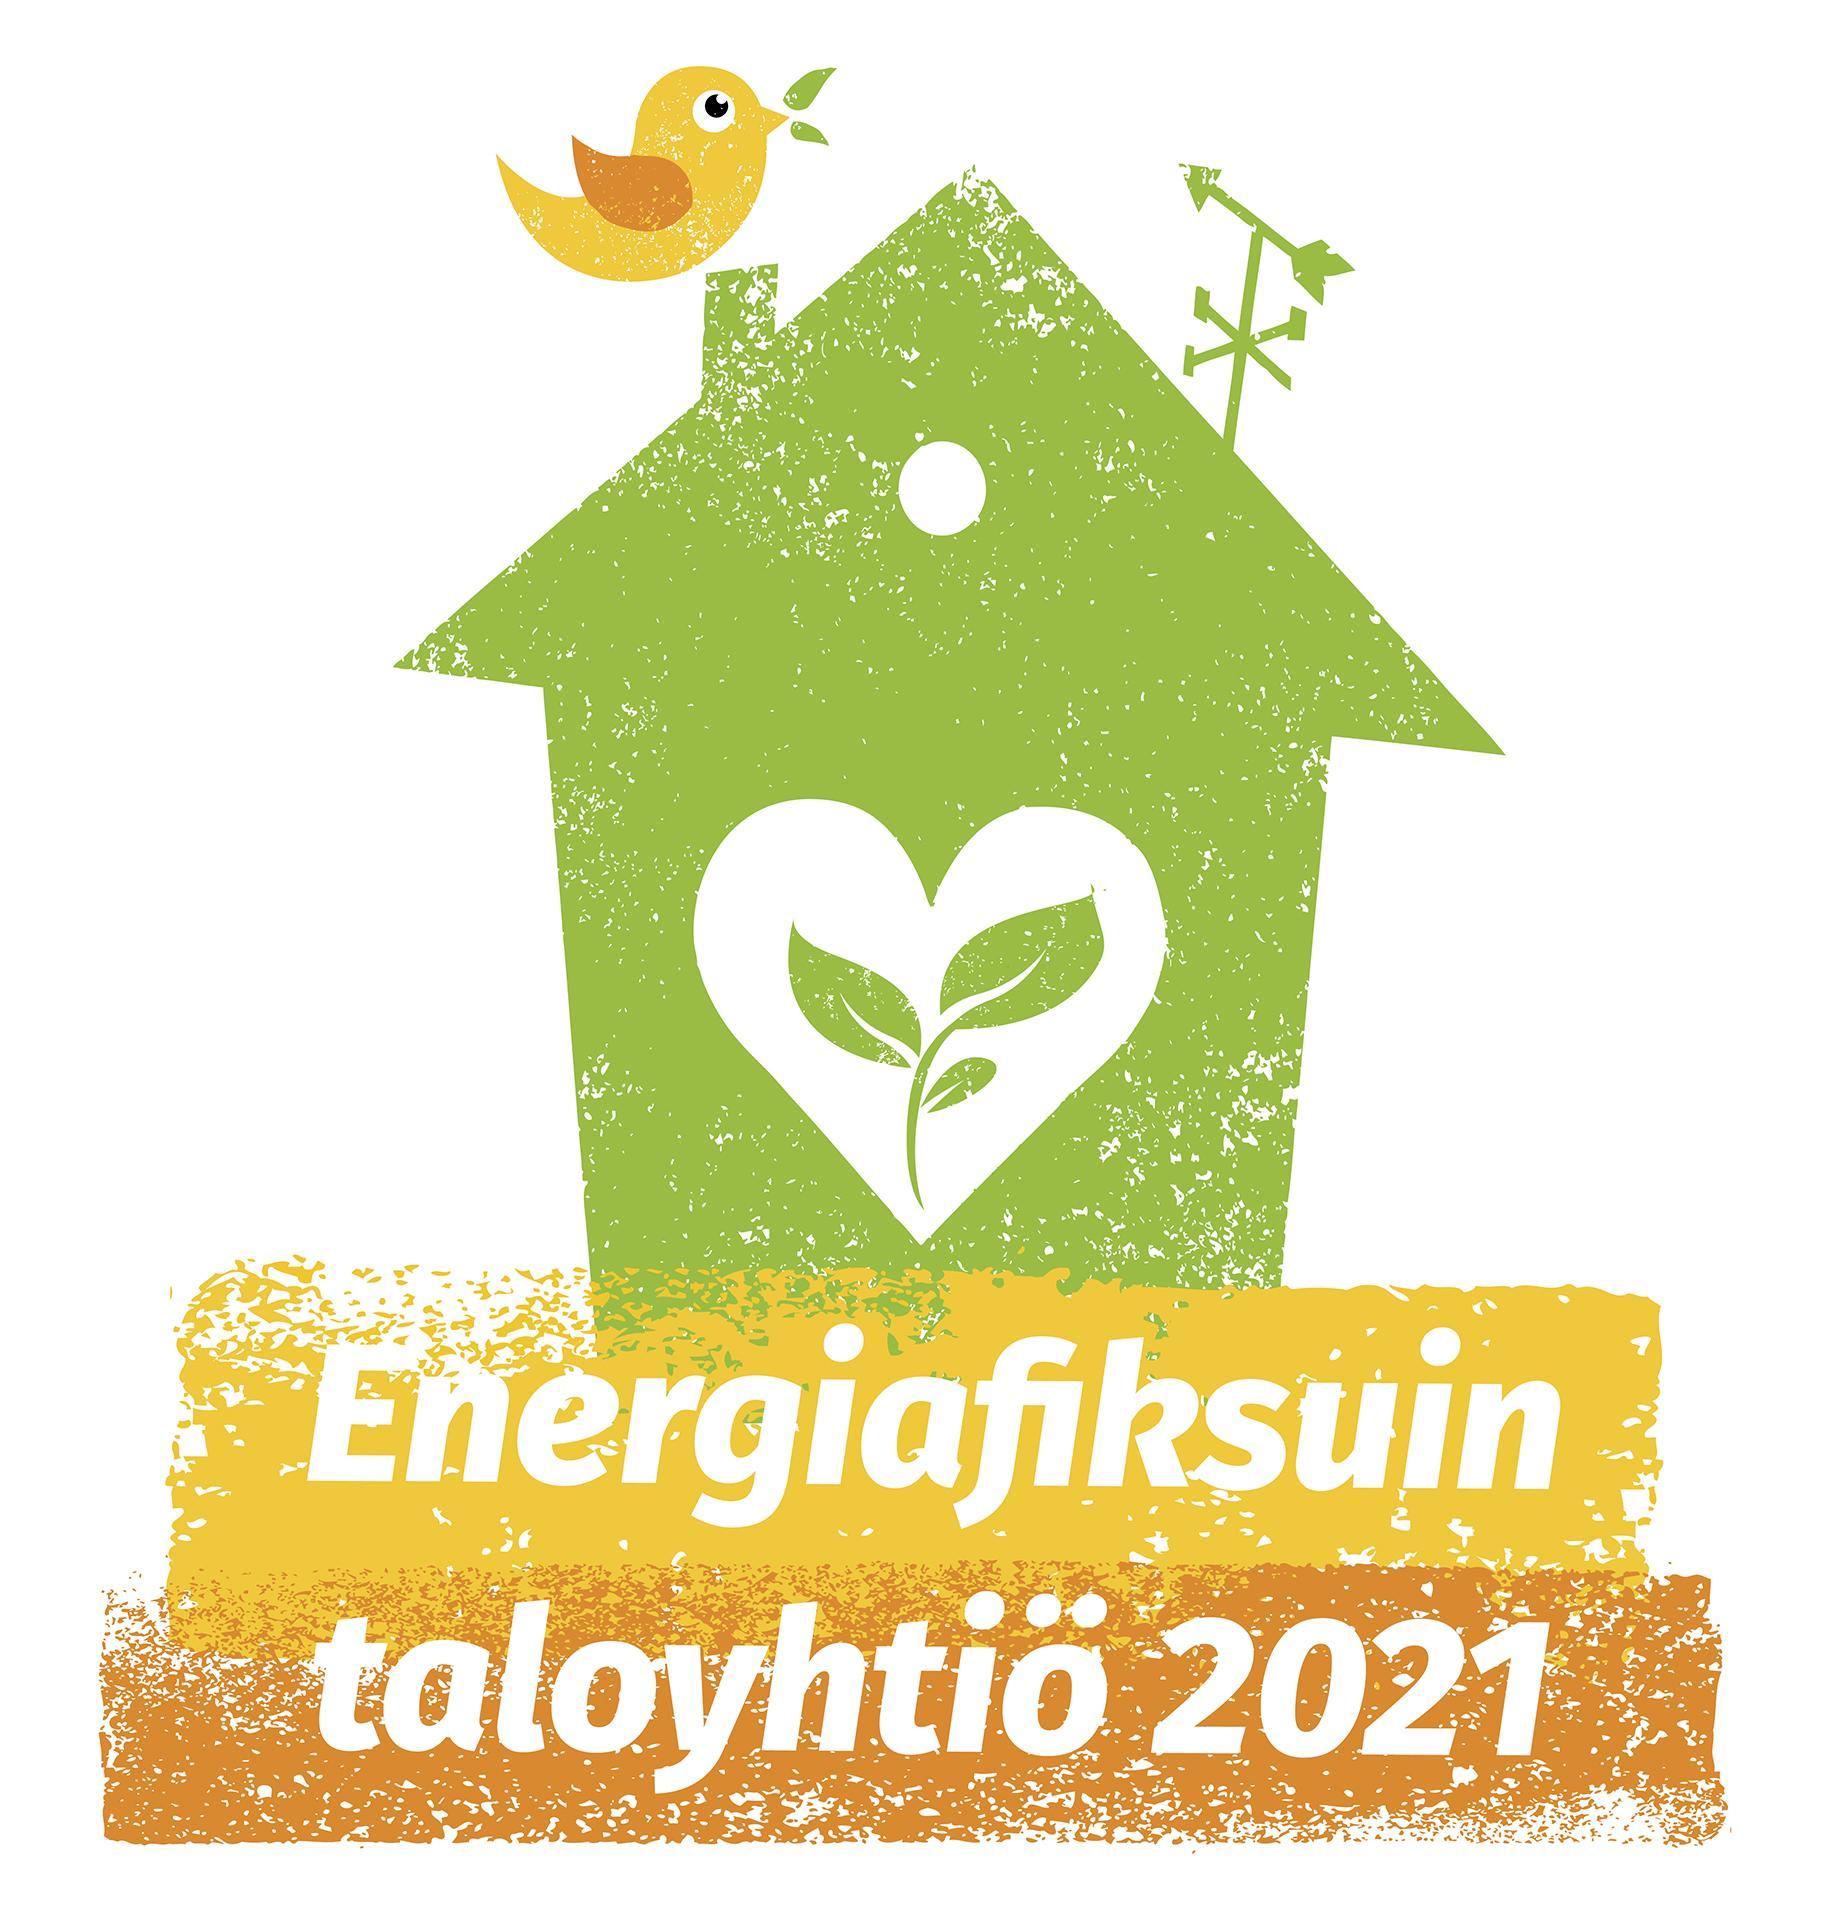 Energiafiksuin taloyhtiö 2021 -kilpailun logo.